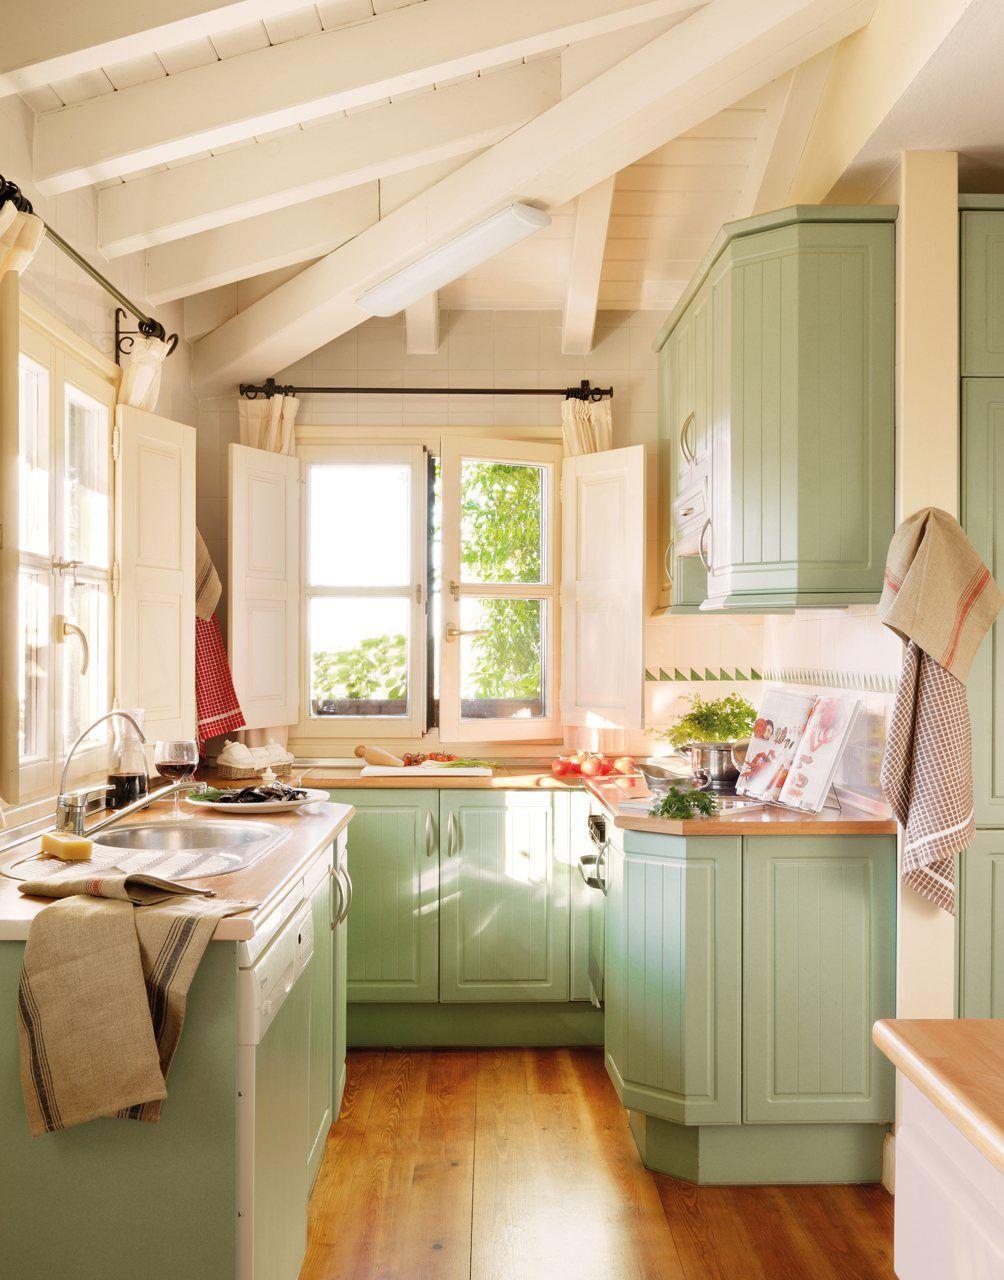 Coordinar gabinete de la cocina piso de madera de color -  Tienes Poco Espacio En Tu Cocina Este Es Un Problema Bastante Com N Pero Que Tiene Muchas Soluciones Aunque Tu Cocina Tenga Pocos Metros